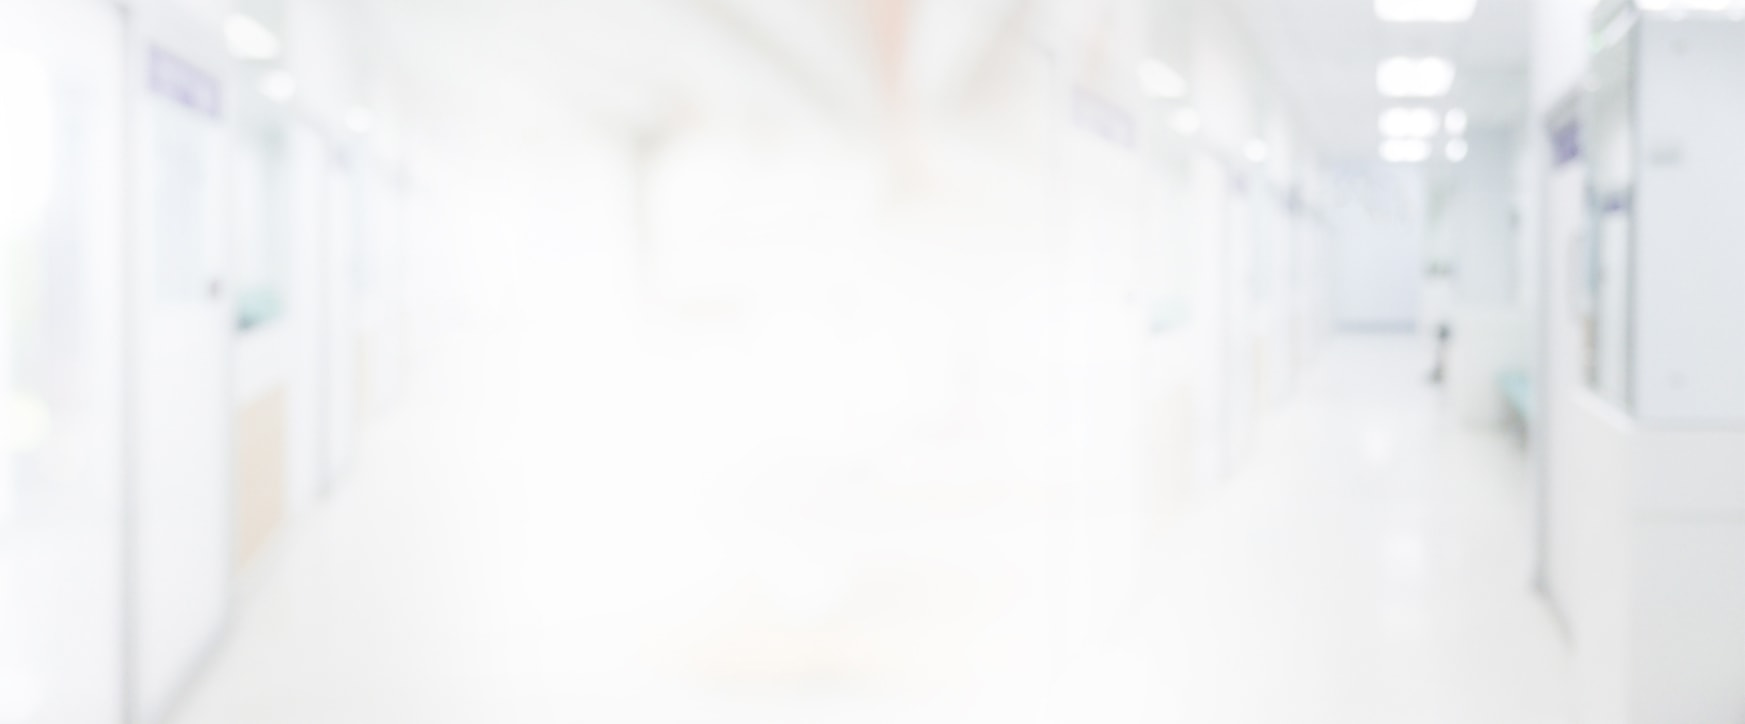 bg-blurred